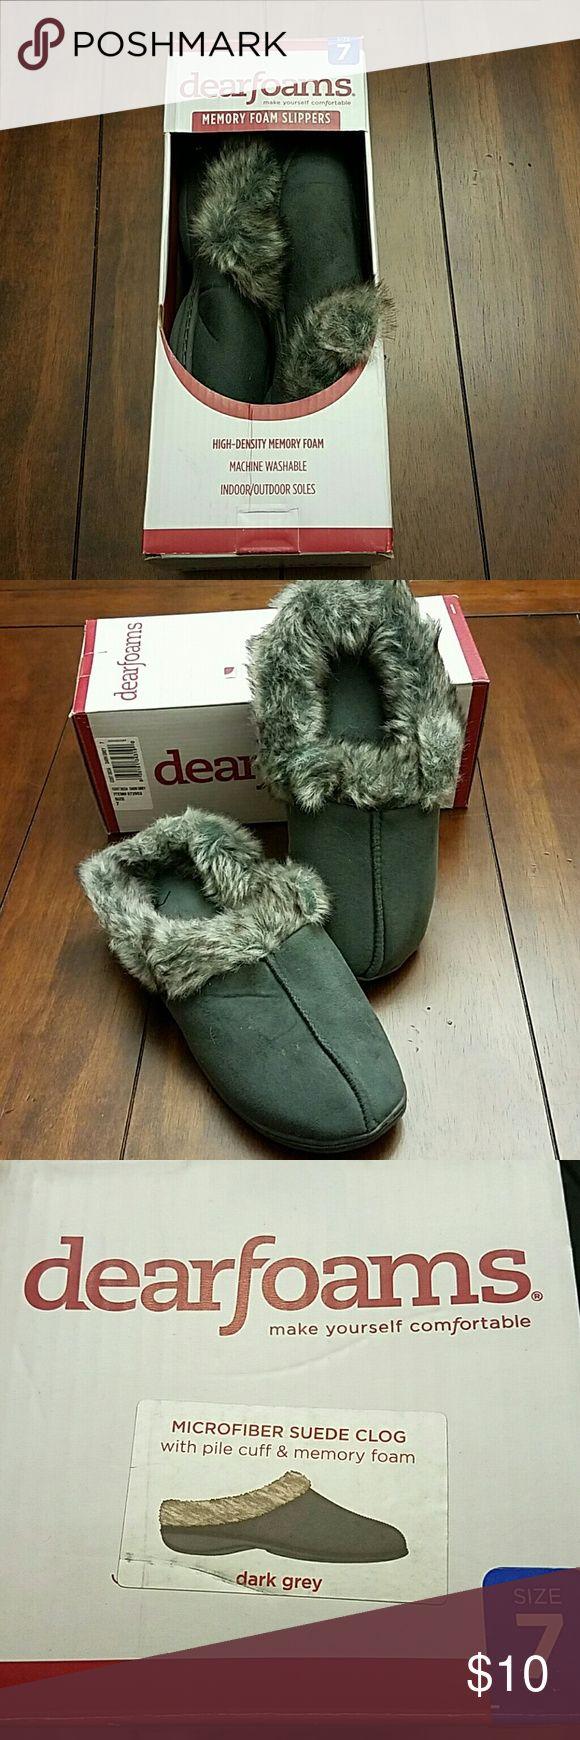 NWT Dearfoams slippers Memory foam, faux fur cuff, dearfoam slippers in dark gray. Never worn or tried on! dearfoams  Shoes Slippers